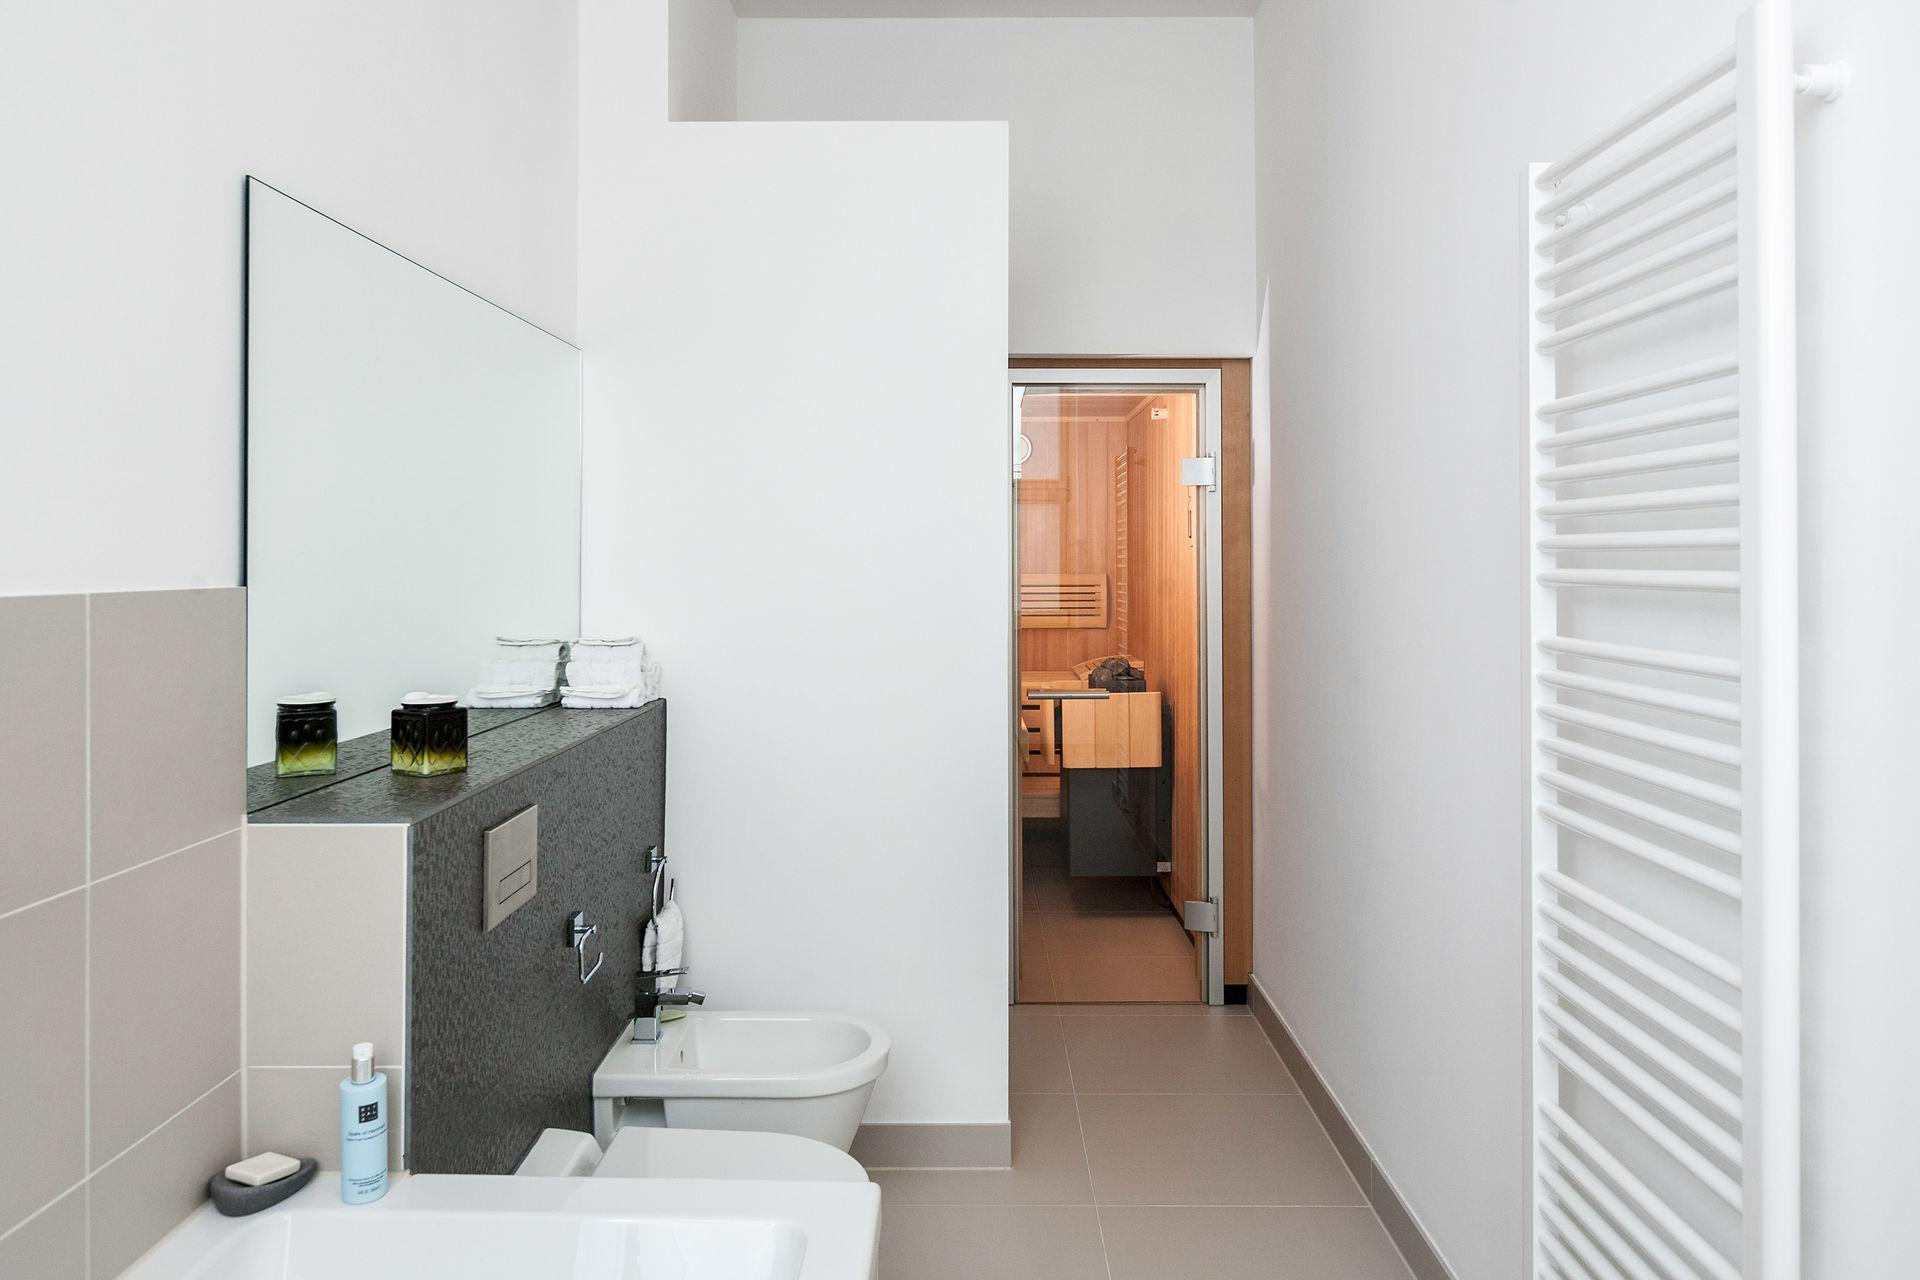 gro z gige wohnung mit sauna im haus cumberland. Black Bedroom Furniture Sets. Home Design Ideas